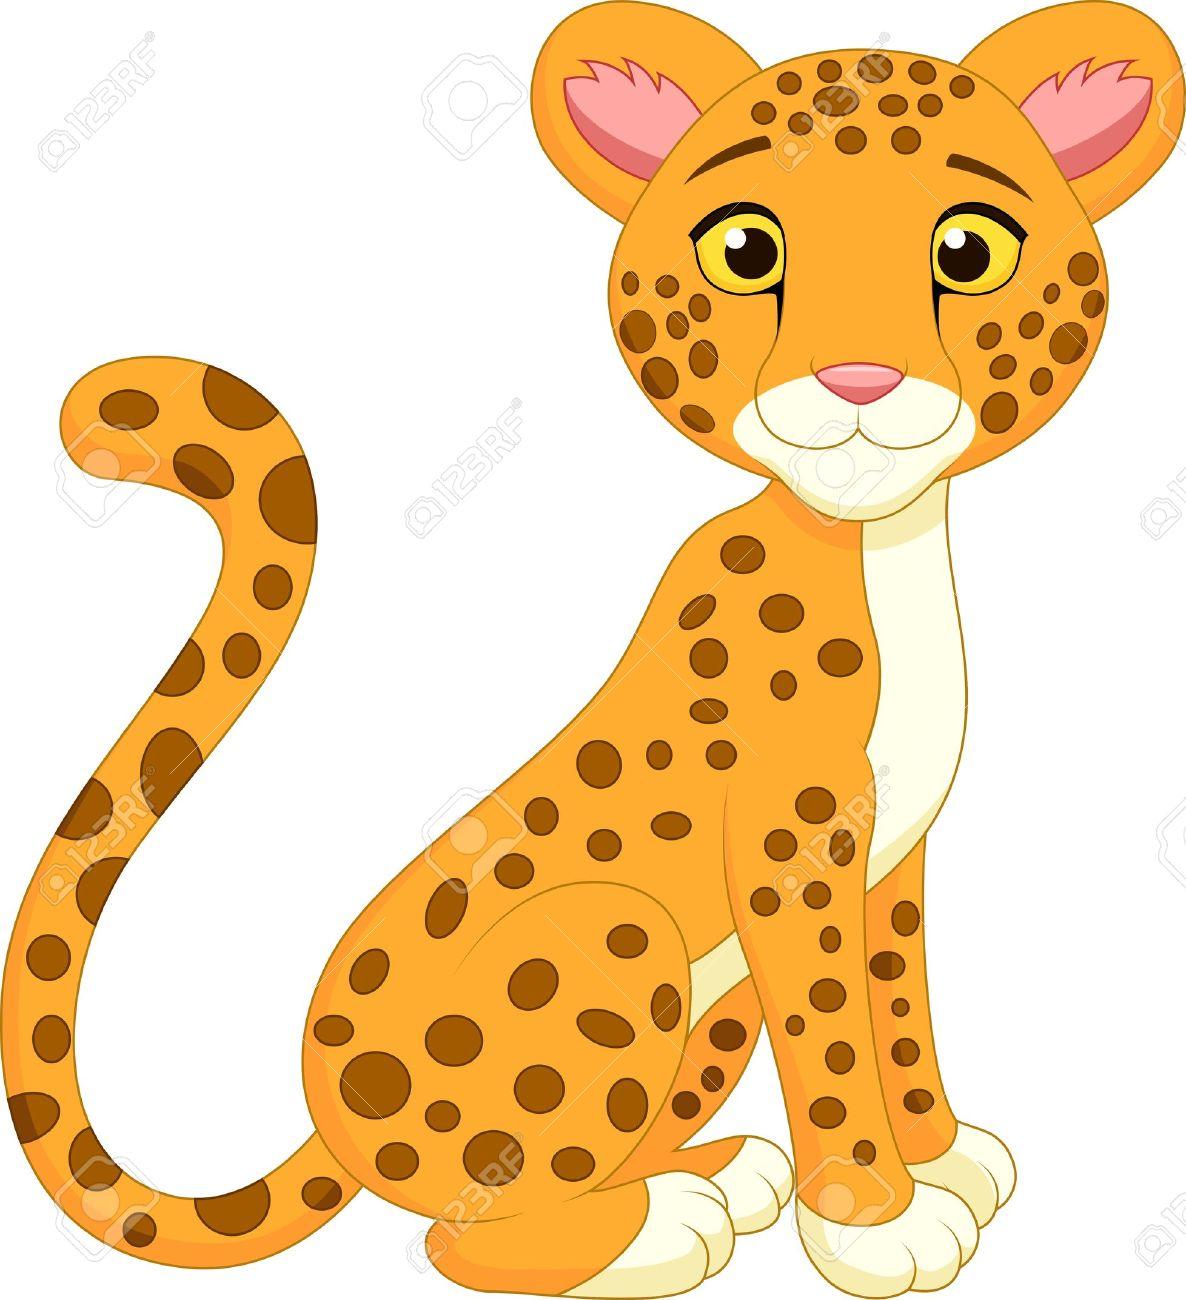 Cute cheetah cartoon Stock Vector - 20219413